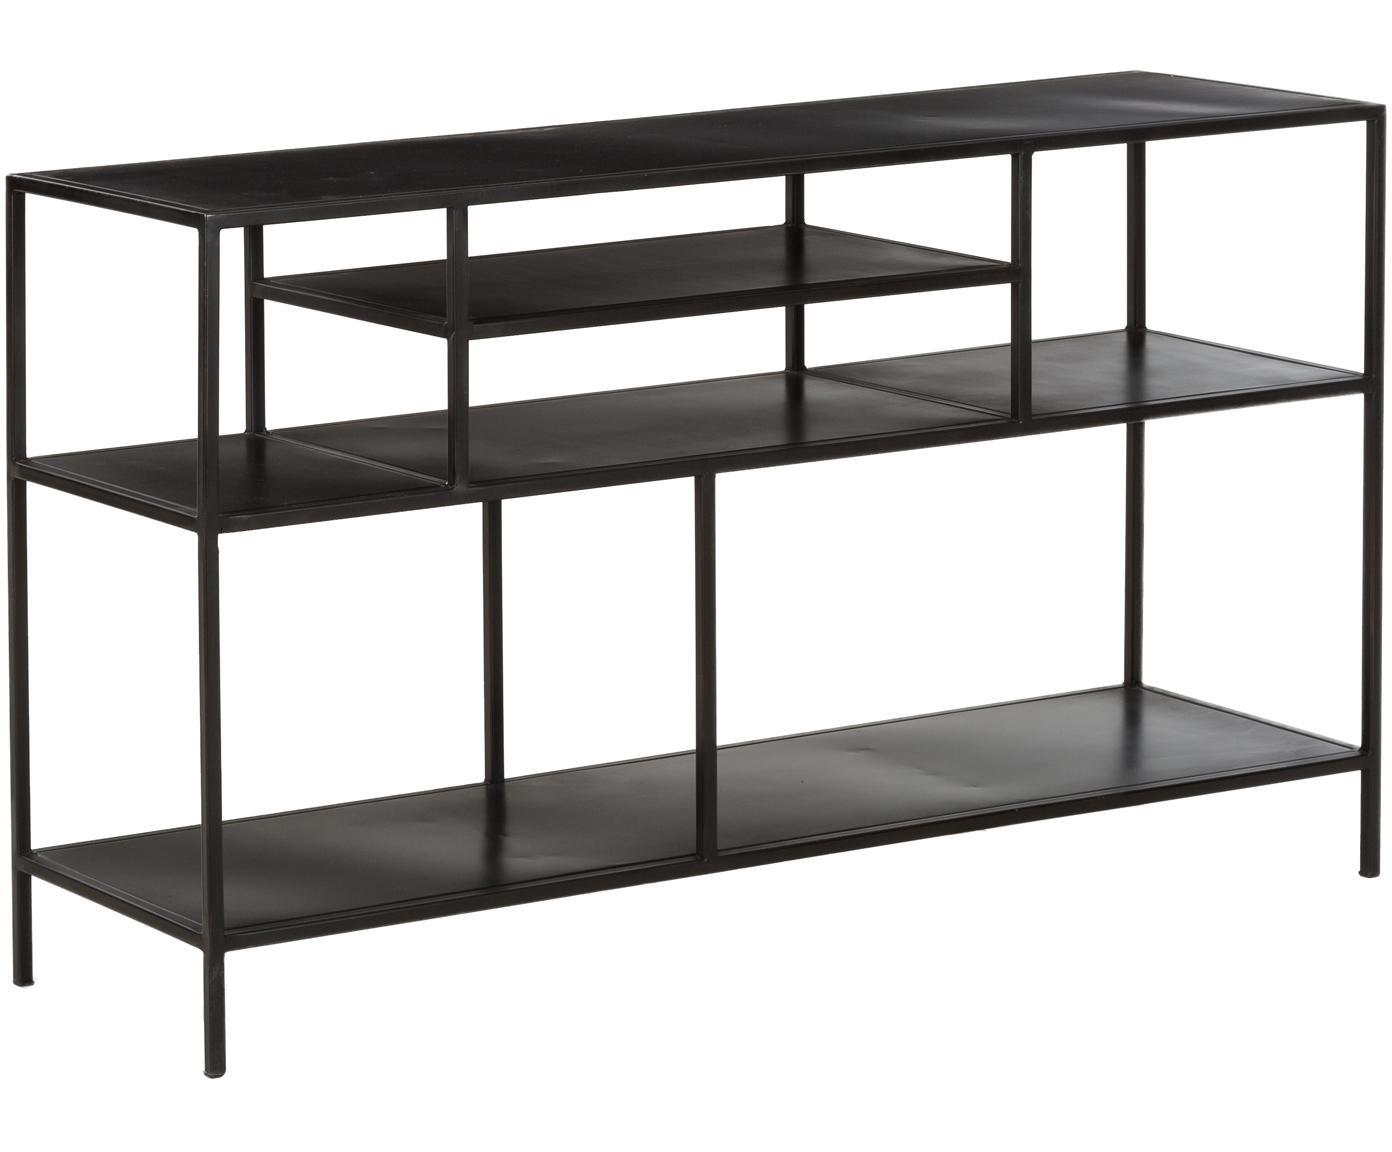 Metalen wandrek Display in zwart, Gepoedercoat metaal, Zwart, B 130 cm